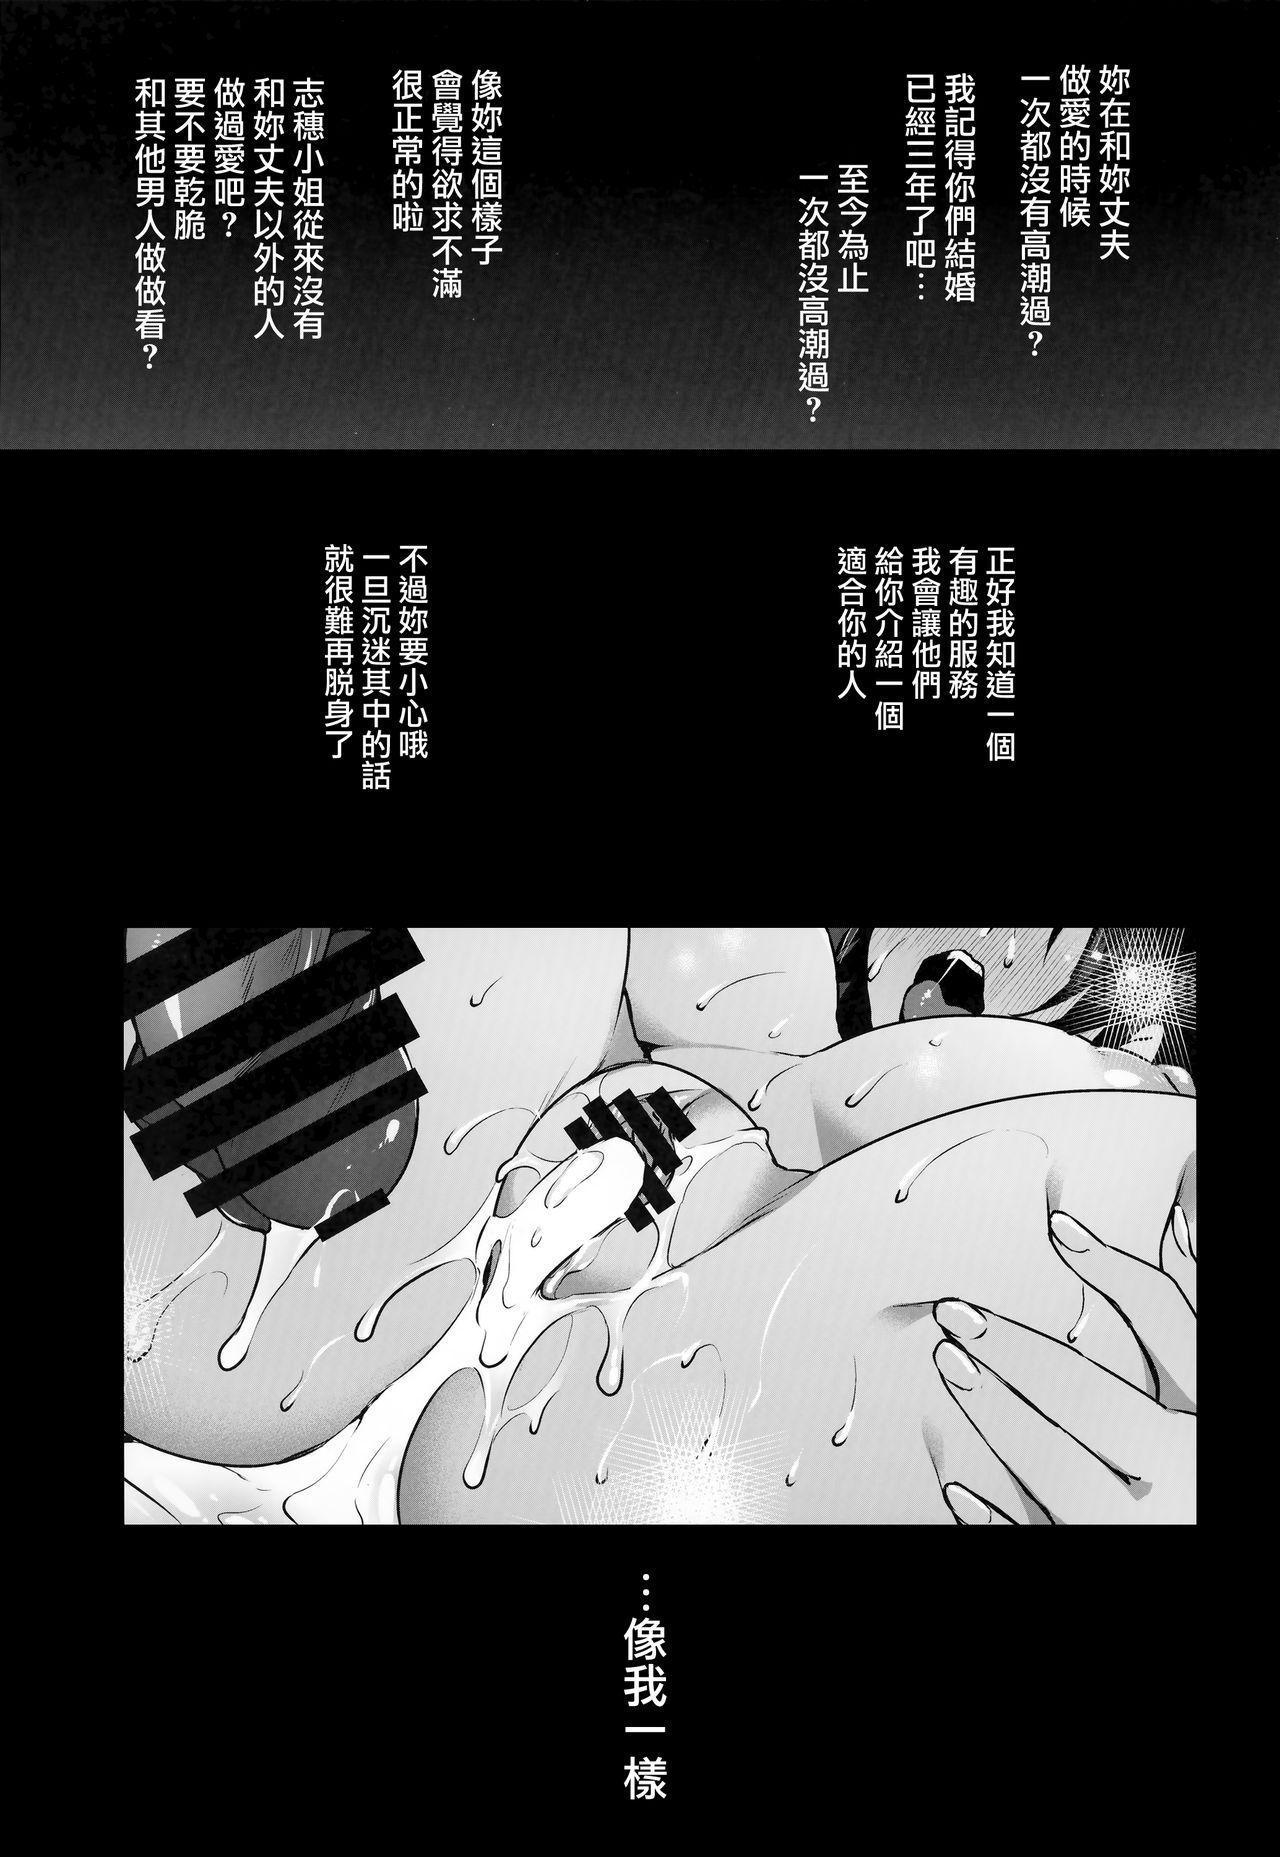 (C95) [Himeya (Abe Inori)] Rental Tanetsuke Oji-san 3 ~Aru Hitozuma no Tanetsuke Oji-san 24-jikan Sex Taikenki~  [Chinese] [無邪気漢化組] 35